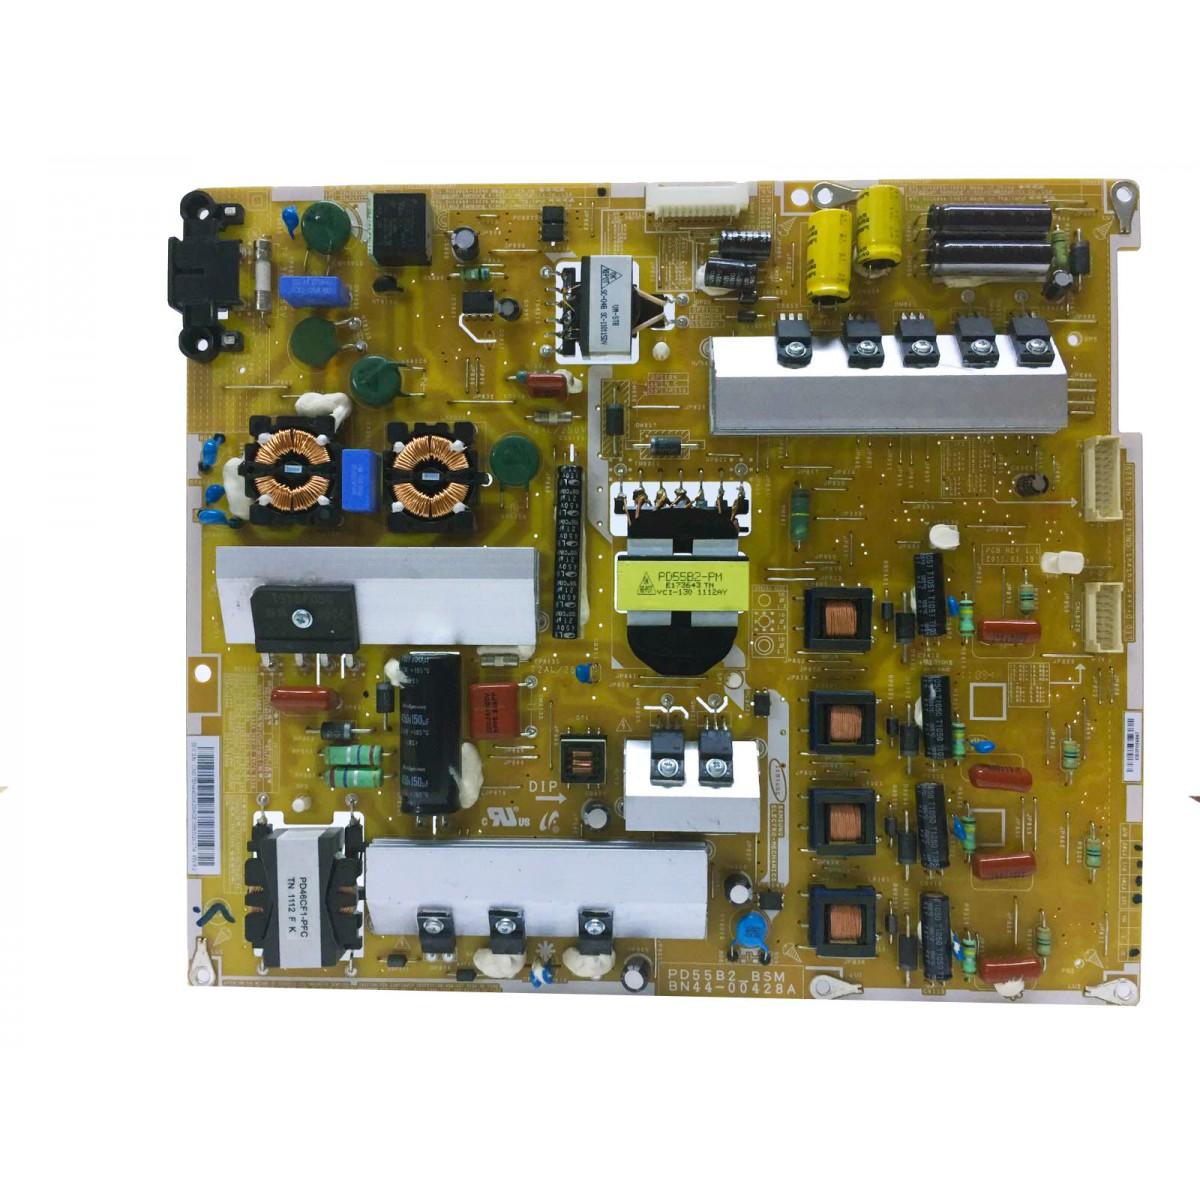 Power Boardlar Kategorisindeki Rnler Electronix 17pw25 4 Circuit Diagram 300 Tl